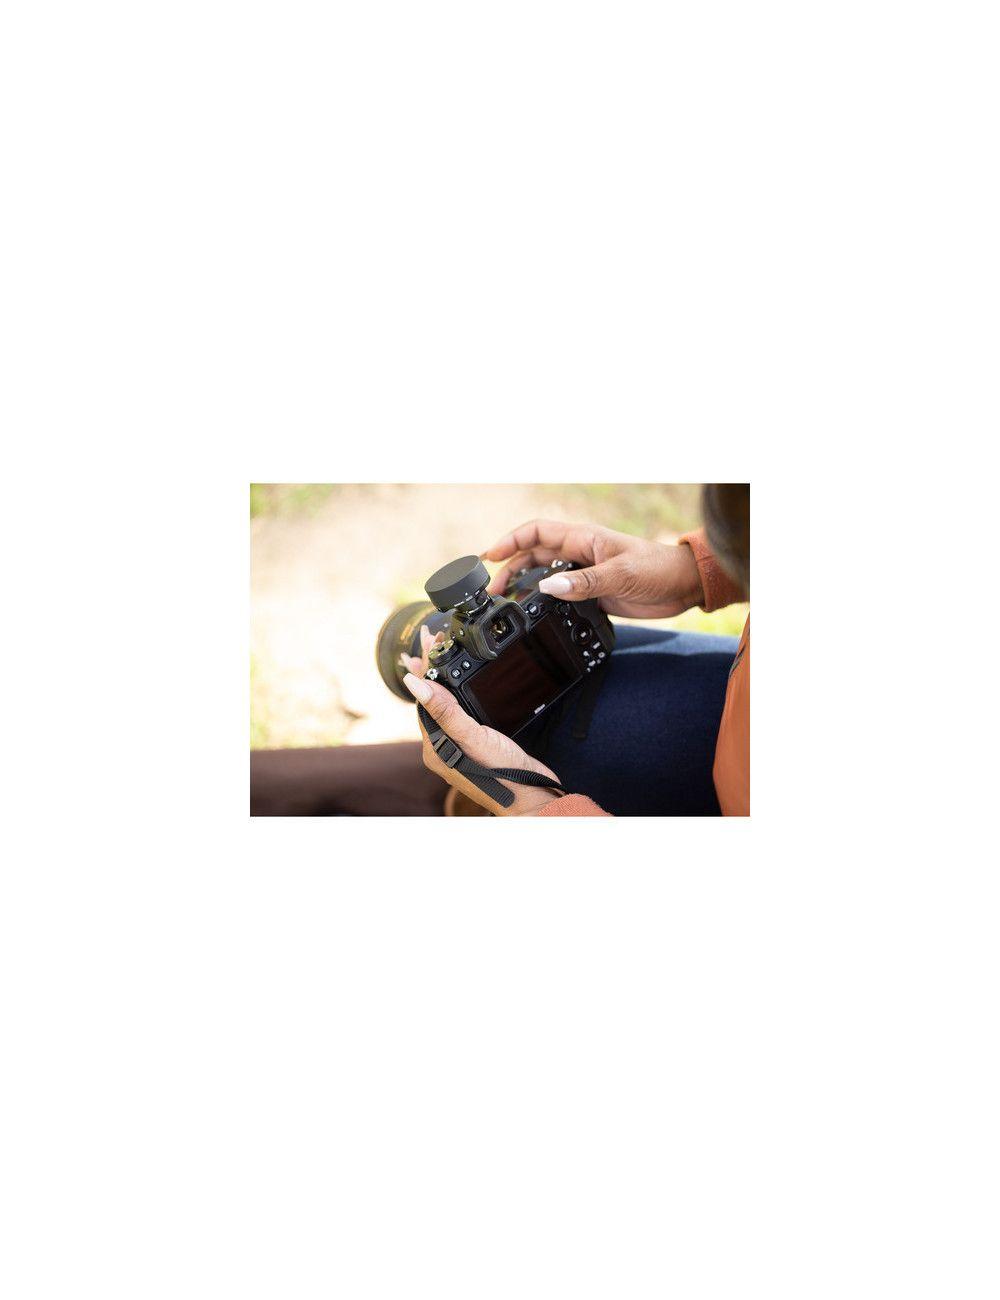 KIT Micrófono Sennheiser de mano con Receptor y Transmisor inalámbrico y audífonos de monitoreo